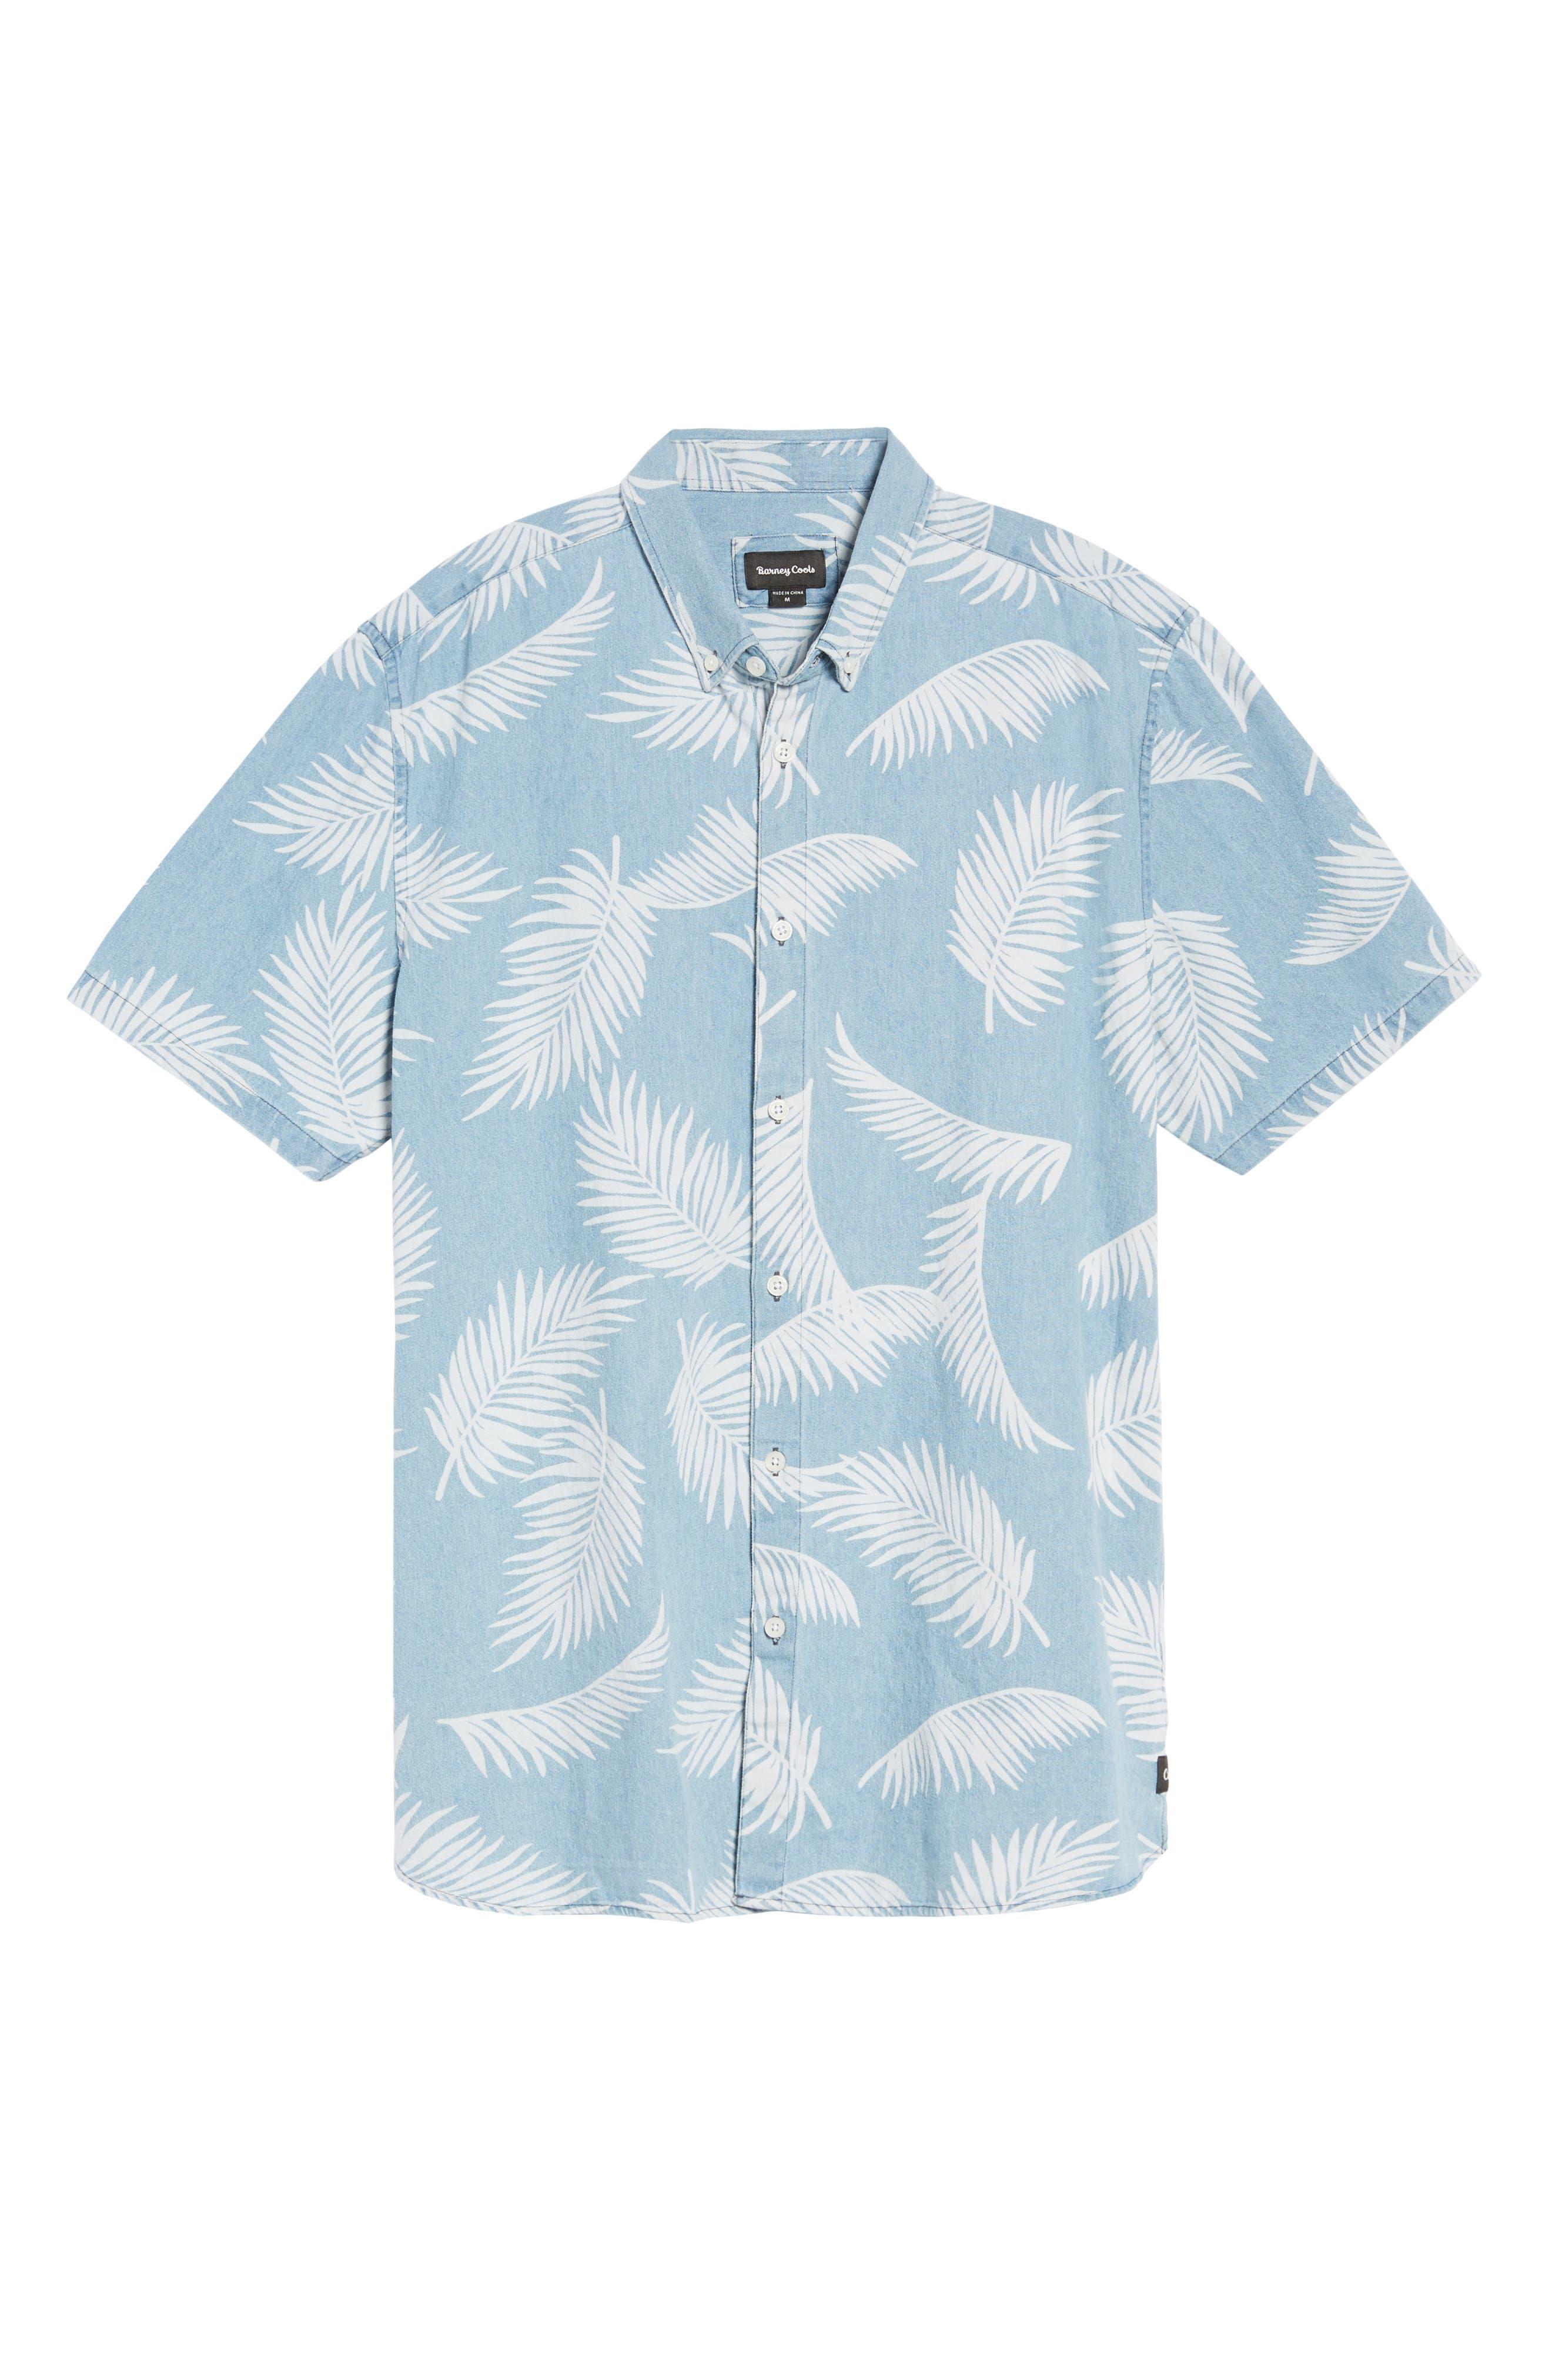 Bahamas Shirt,                             Alternate thumbnail 6, color,                             Indigo/ Floral